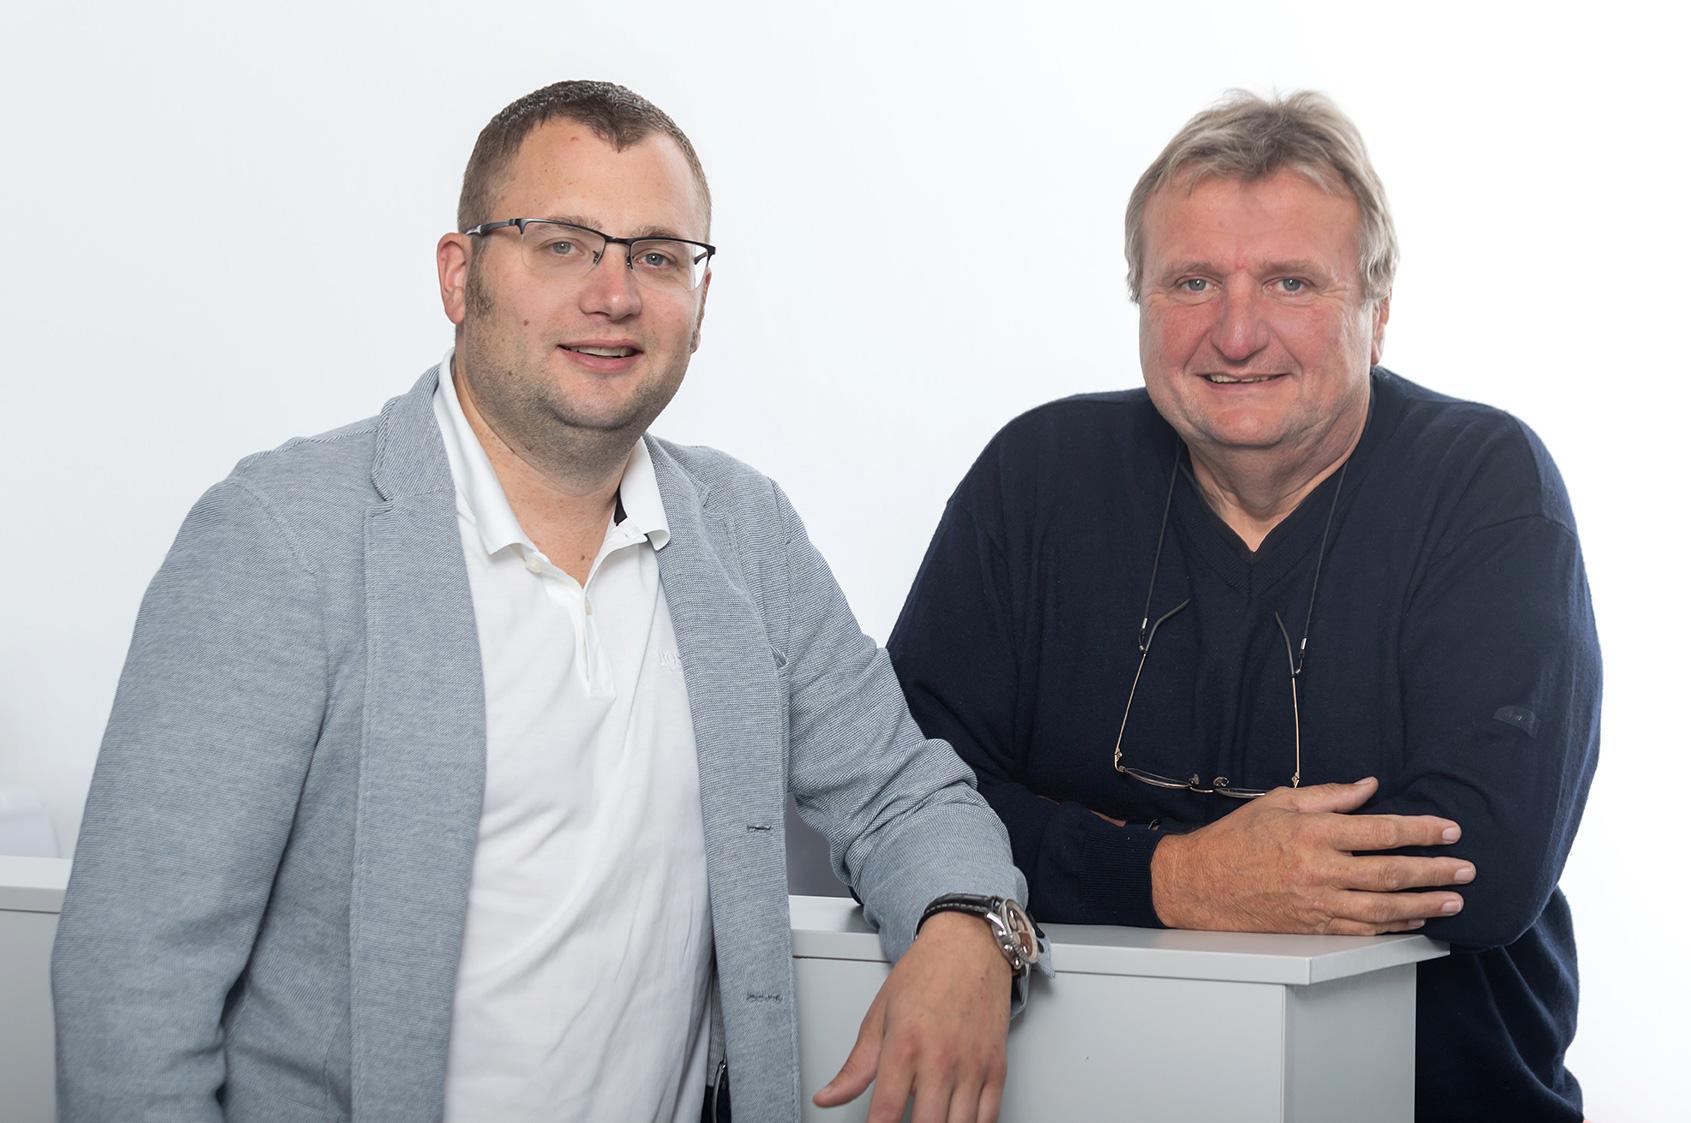 Hermann Vortkamp Senior und Junior, Steinfurt